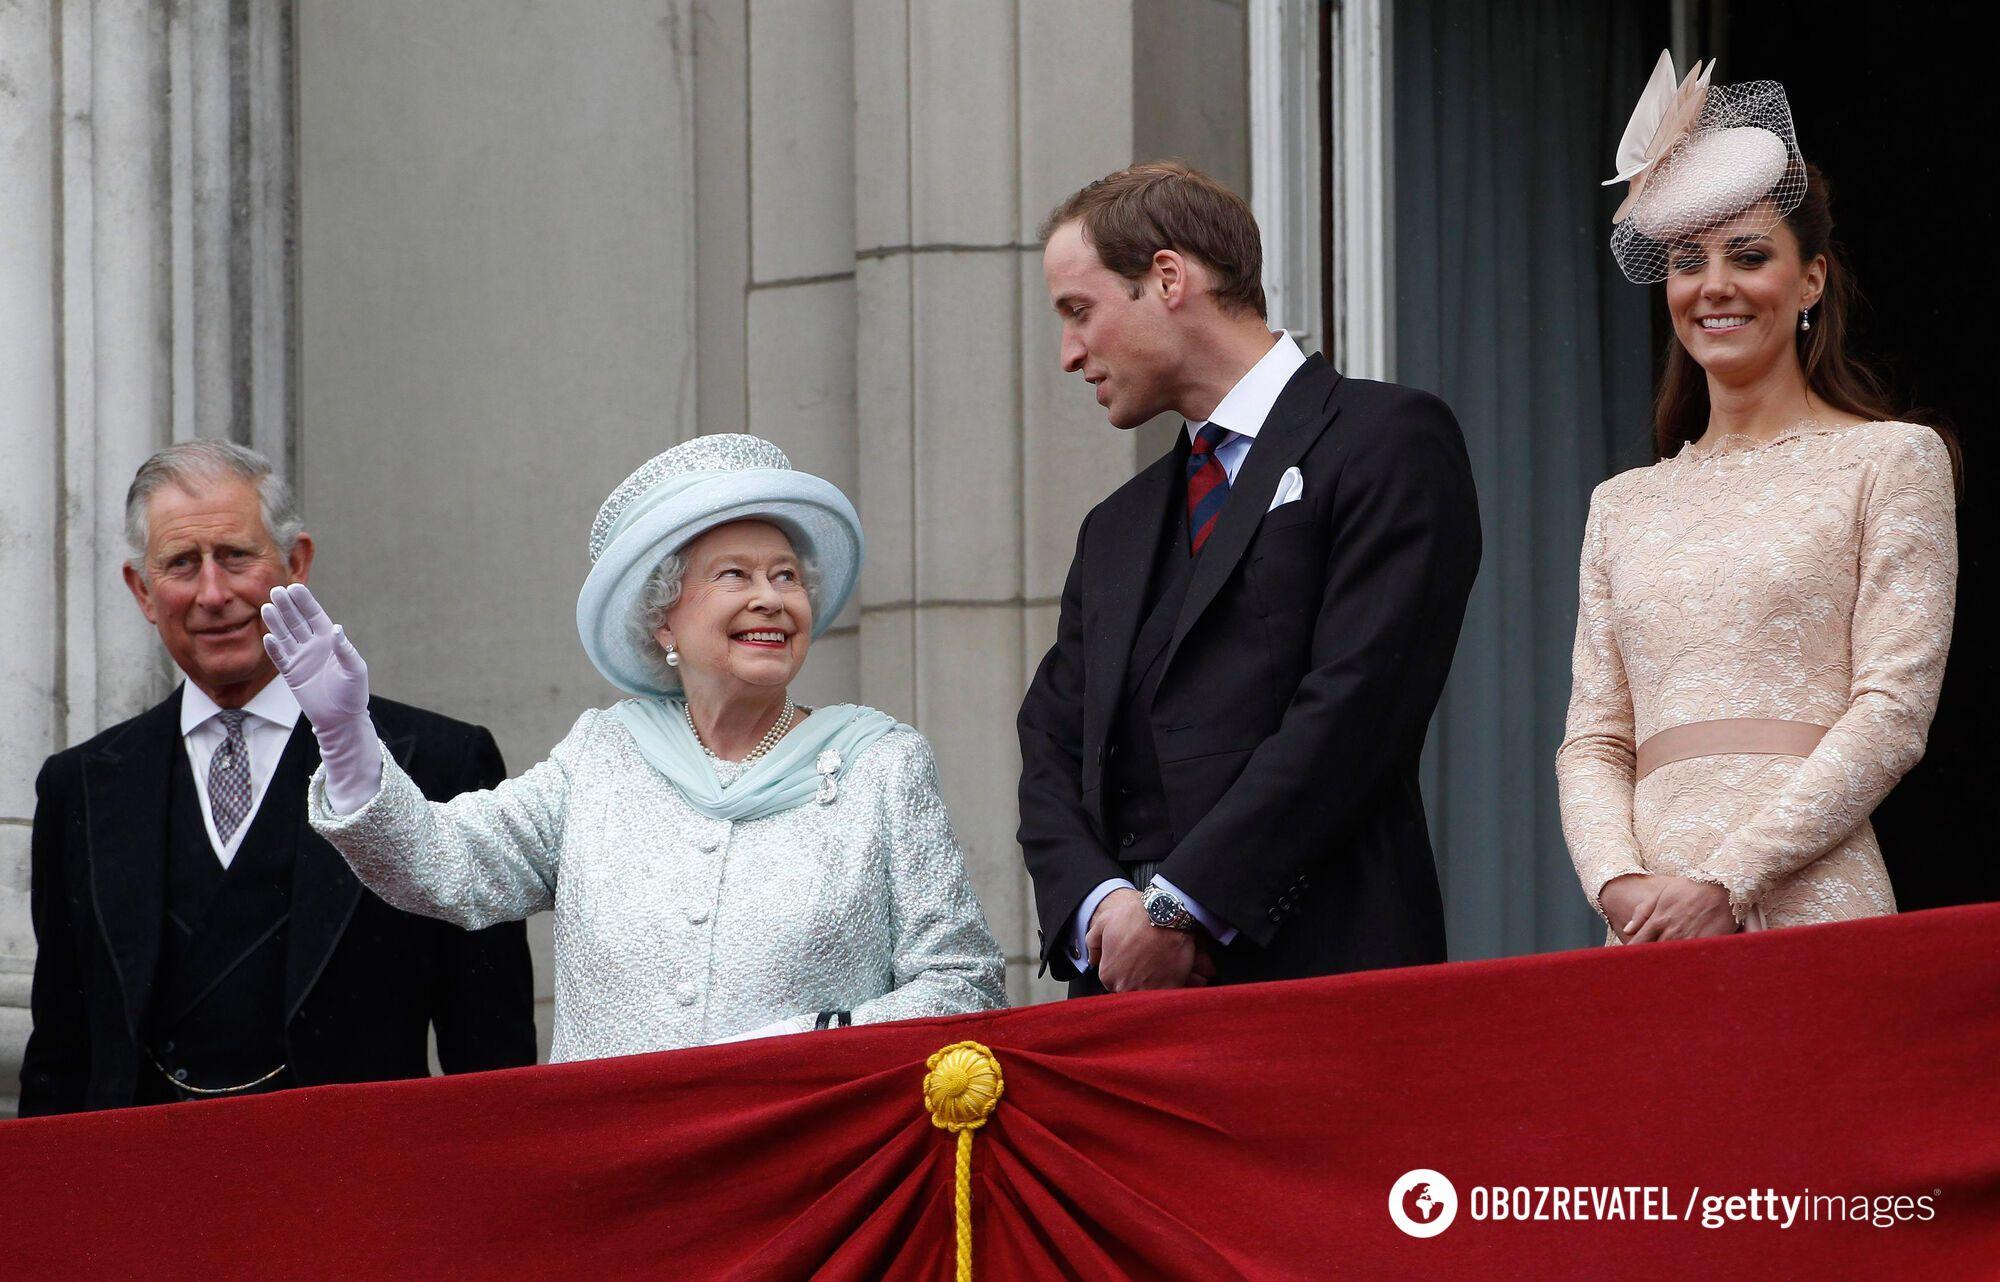 Принц Чарльз, Єлизавета II, принц Вільям і Кейт Міддлтон